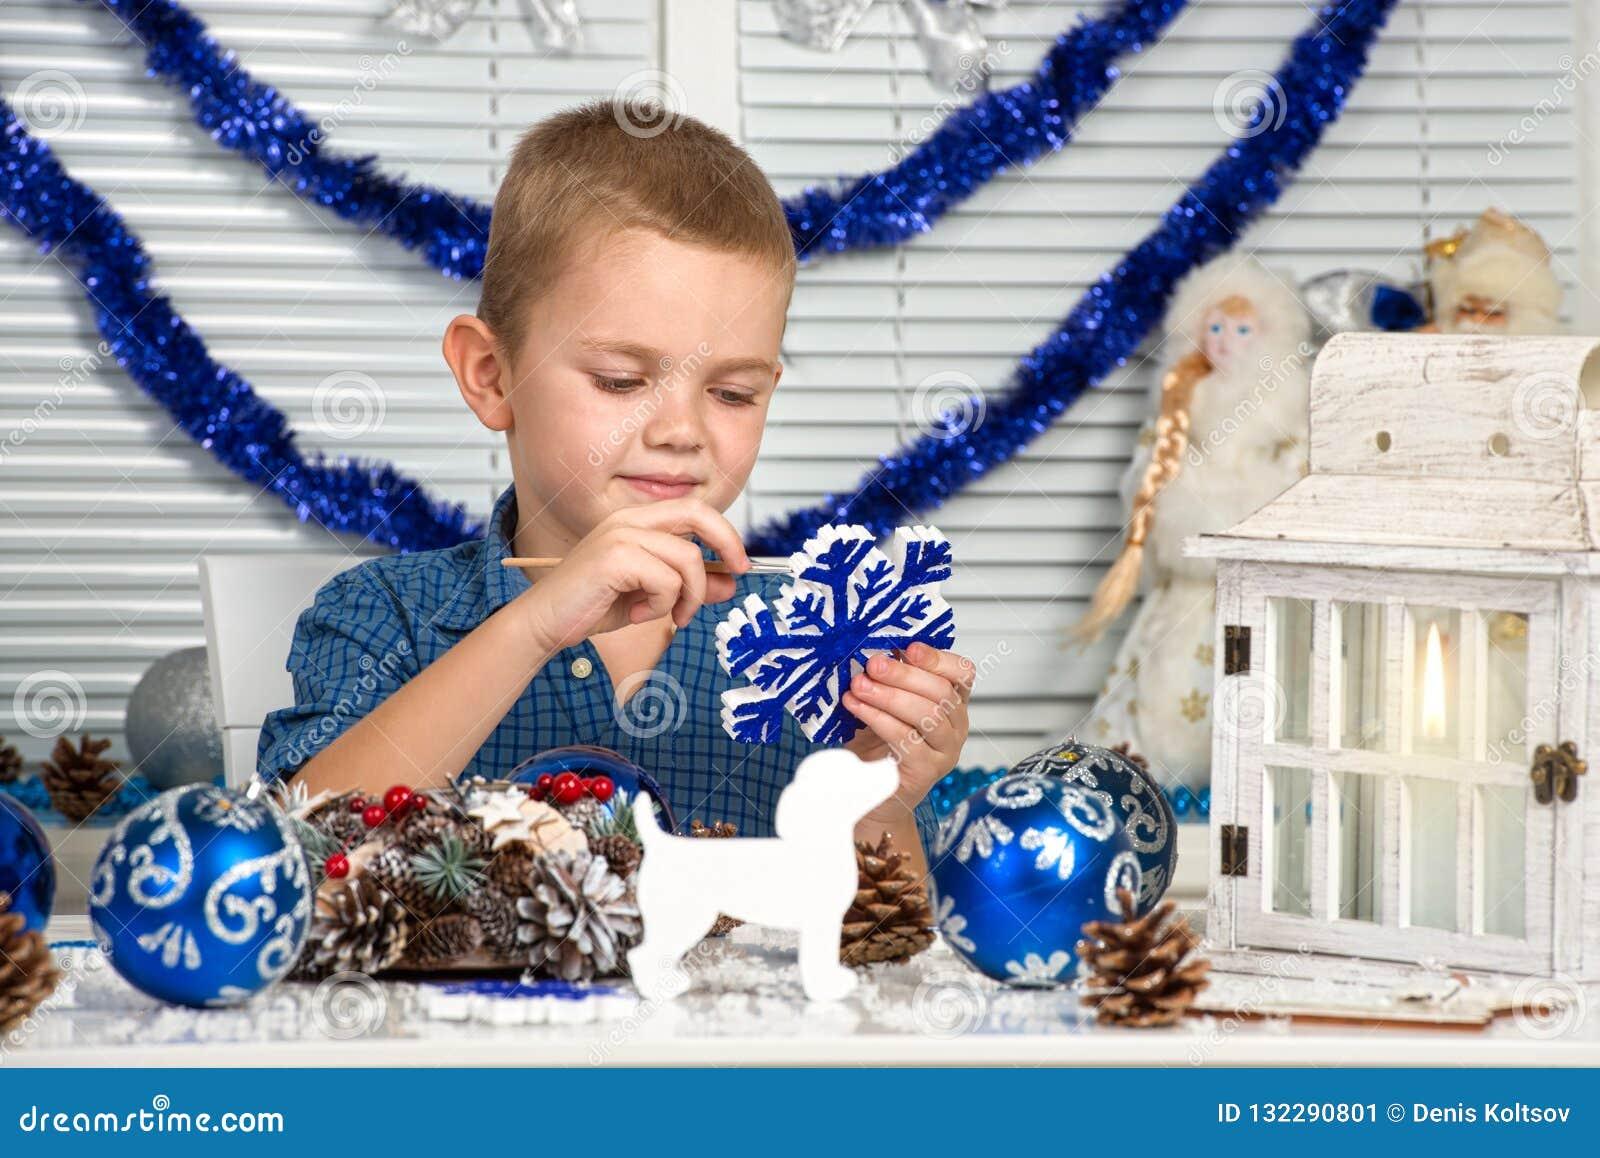 Χαρούμενα Χριστούγεννα και καλές διακοπές! Ένα αγόρι που χρωματίζει snowflake Το παιδί δημιουργεί τις διακοσμήσεις για το εσωτερι